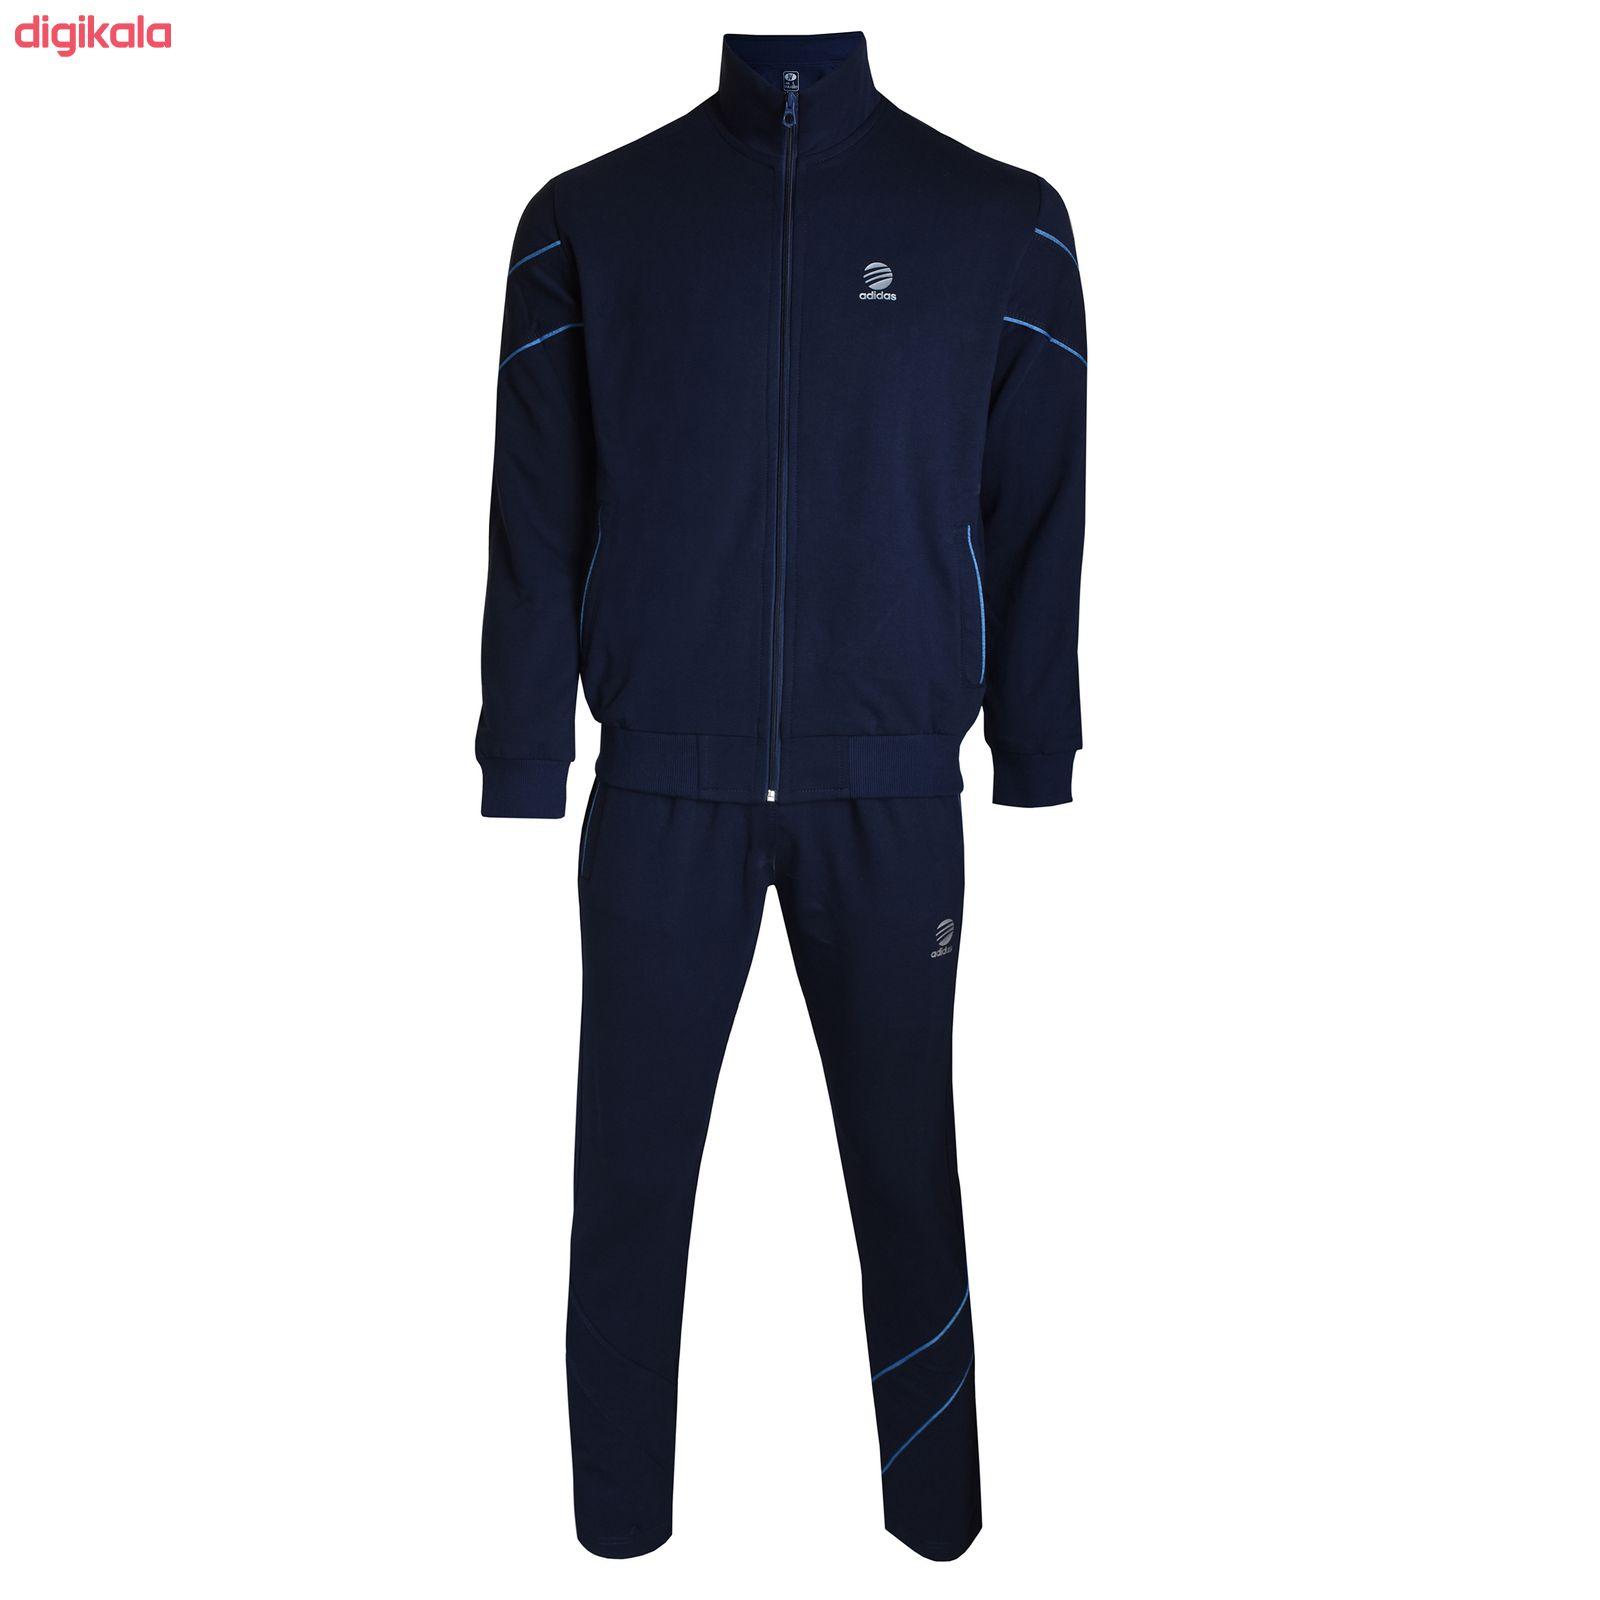 ست گرمکن و شلوار ورزشی مردانه کد AD0146na main 1 2